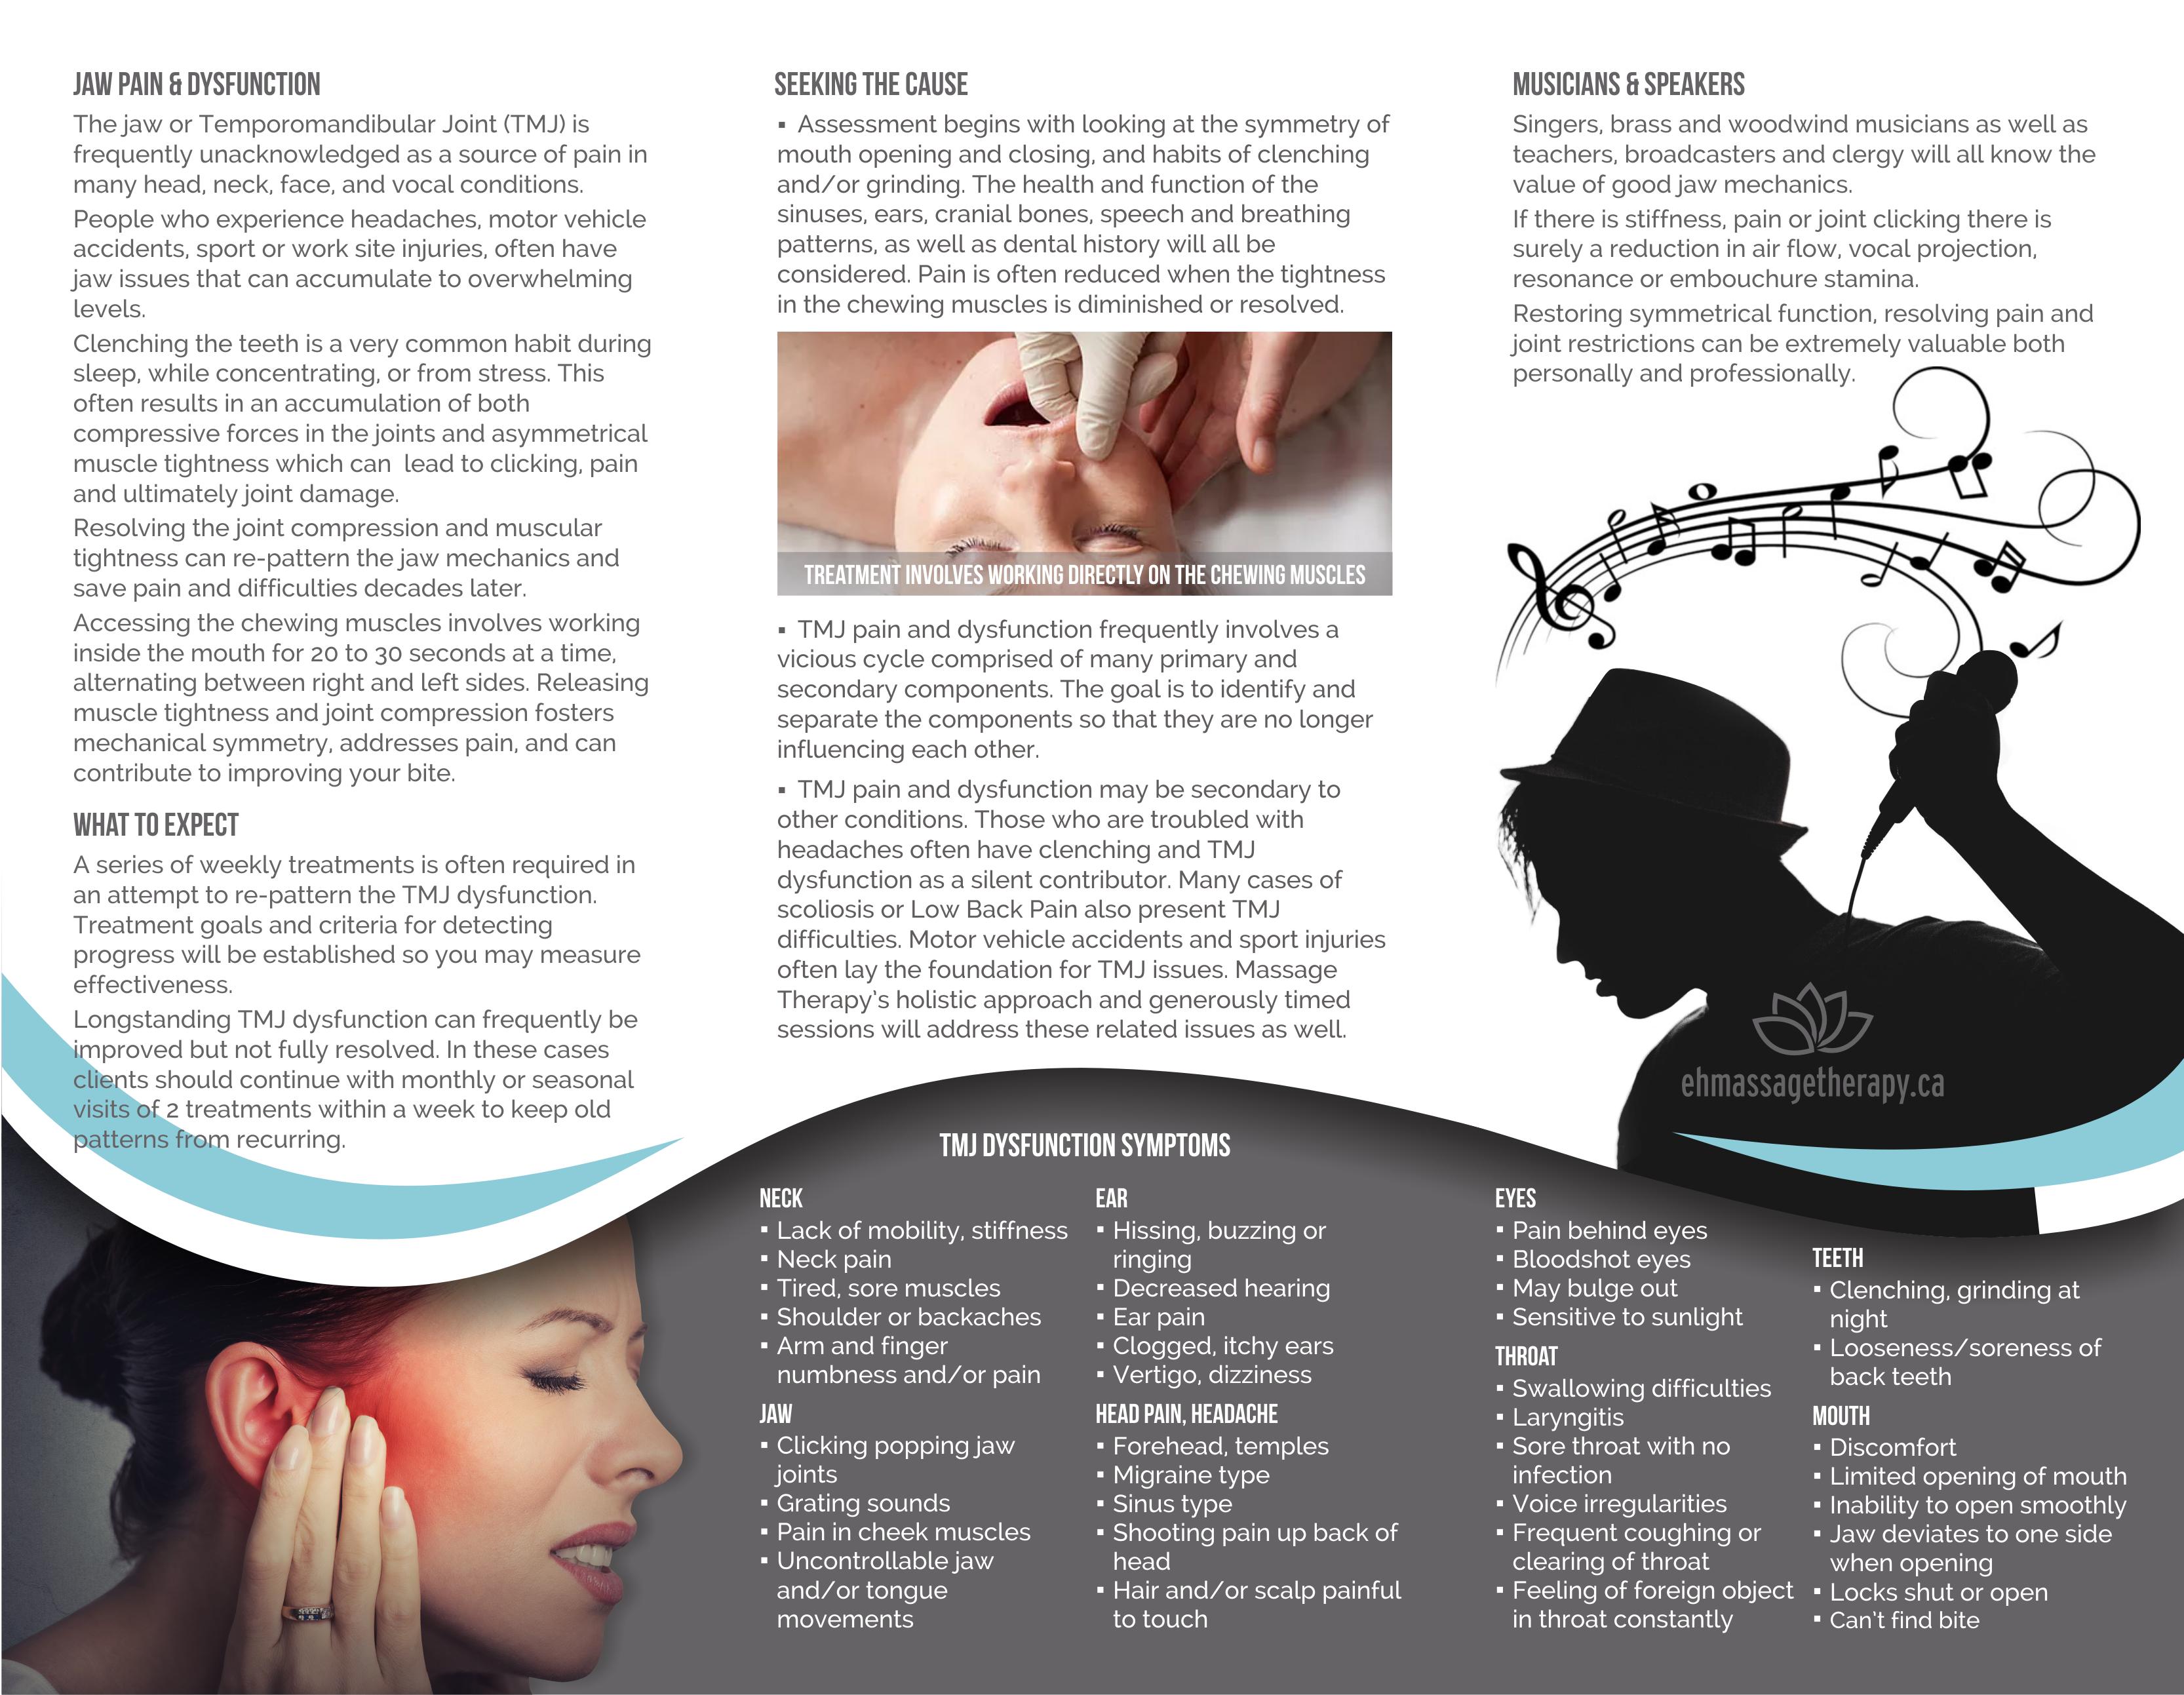 TMJ Dysfunction brochure (inside)